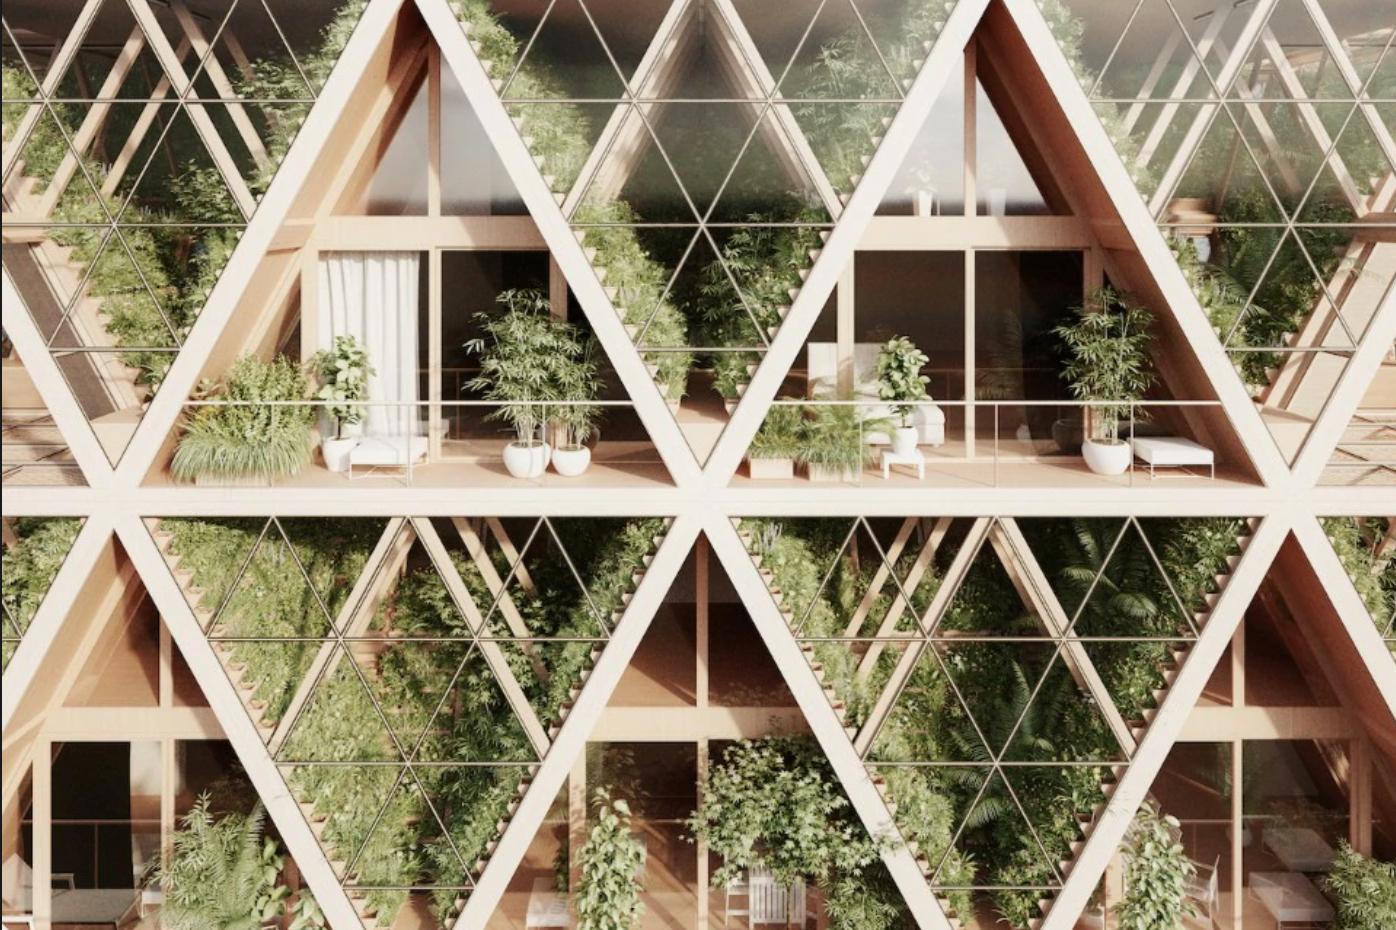 Architettura Sostenibile Architetti architettura sostenibile archivi | studio motterle